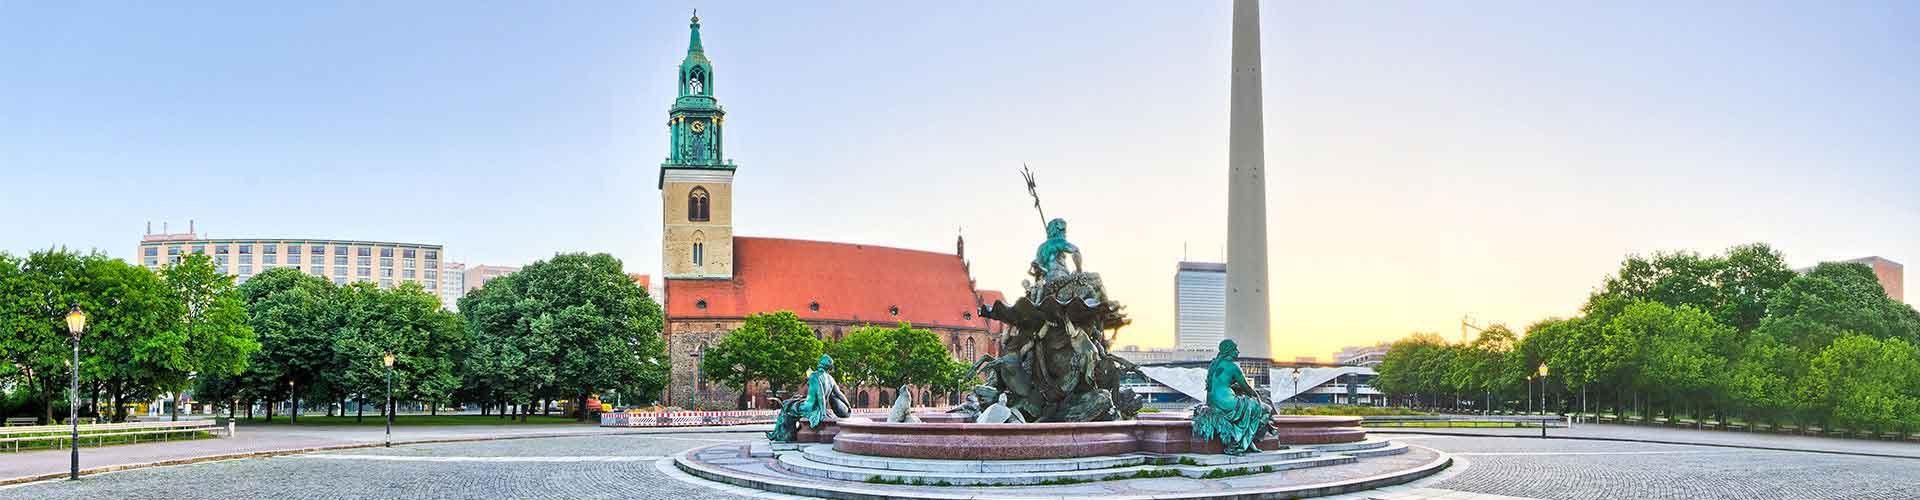 Berlim – Hostels próximos a Fernsehturm. Mapas para Berlim, Fotos e Avaliações para cada Hostel em Berlim.